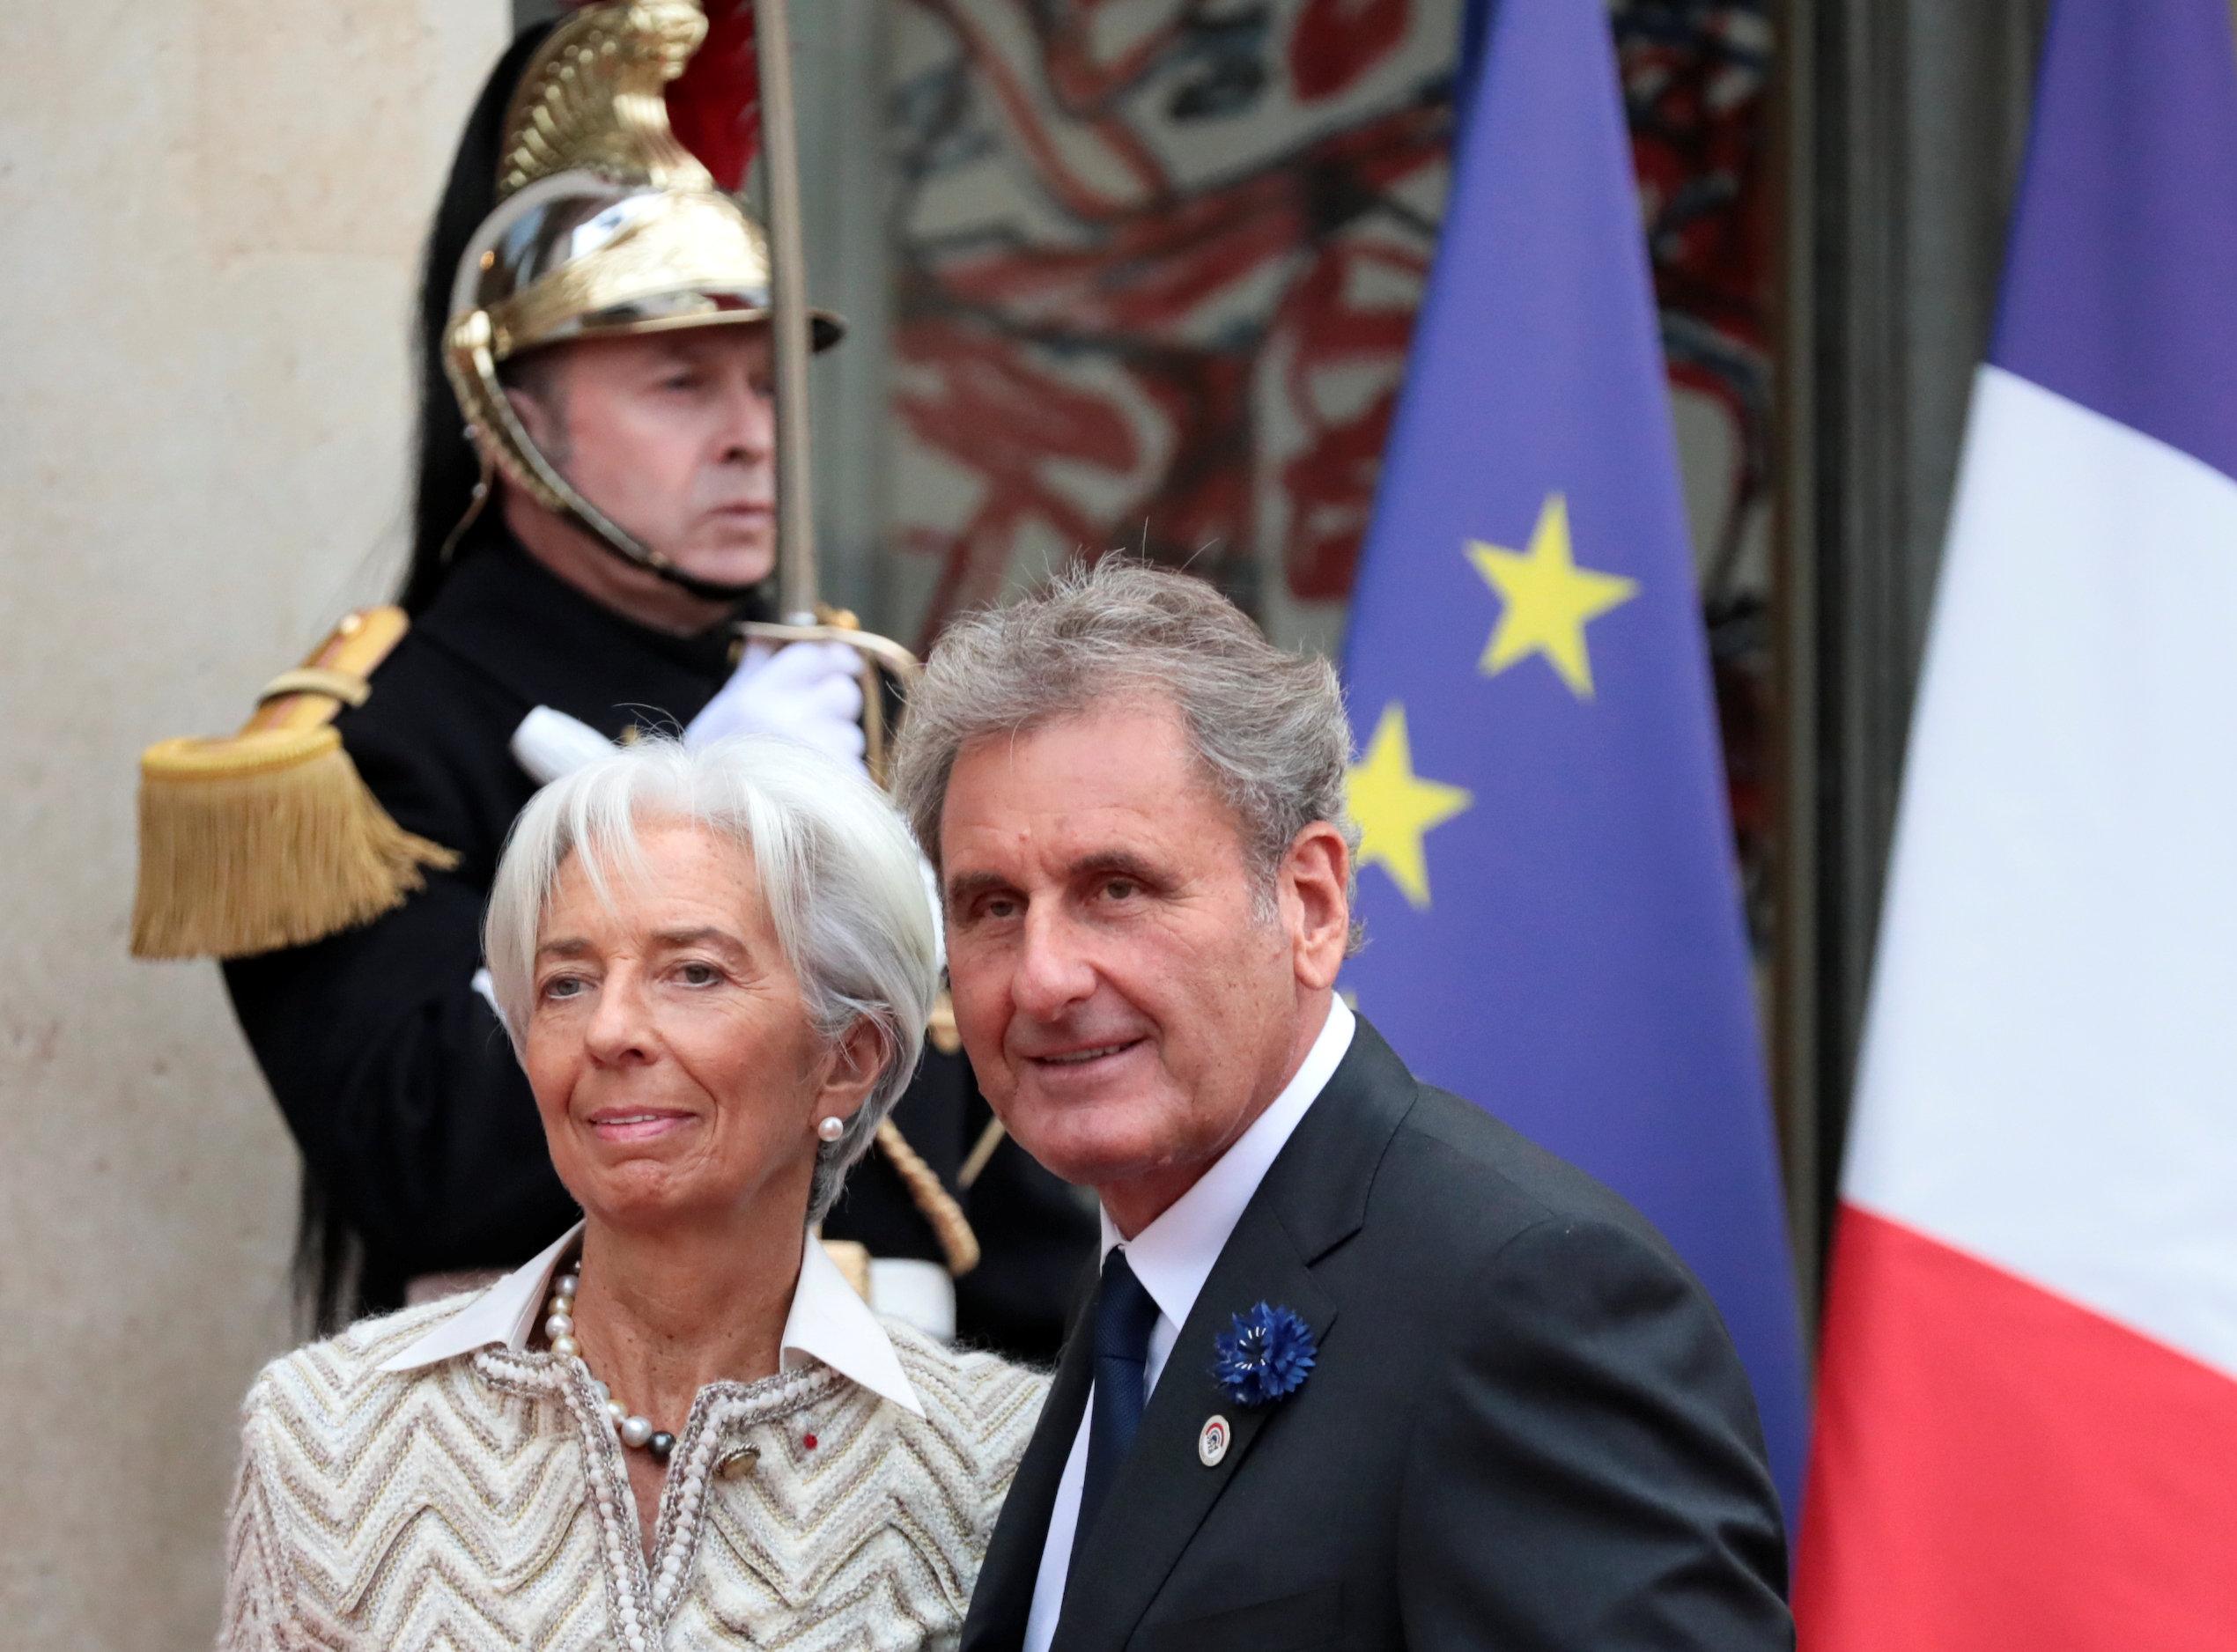 مدير صندوق النقد الدولى كرستين لاجارد وزوجها